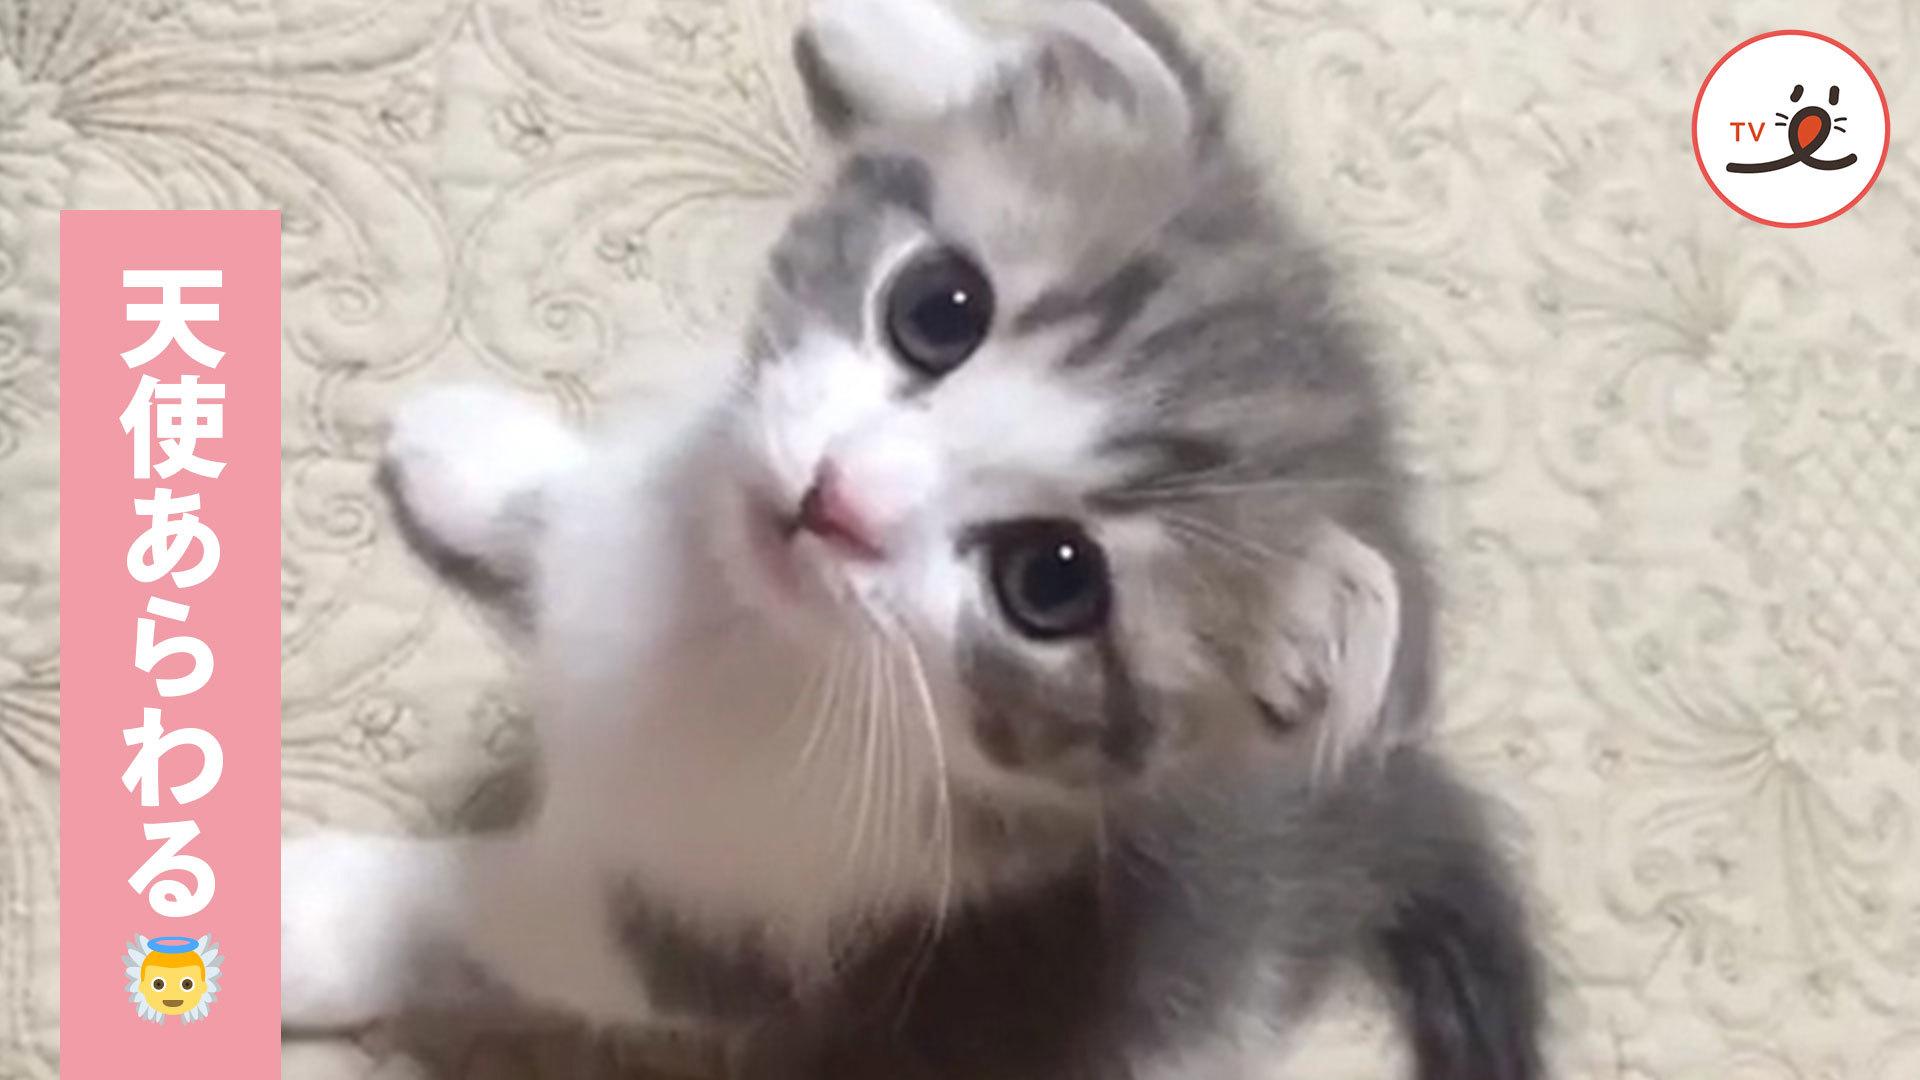 天使すぎる子猫ちゃん👼 こんな子に見つめられたい…💕